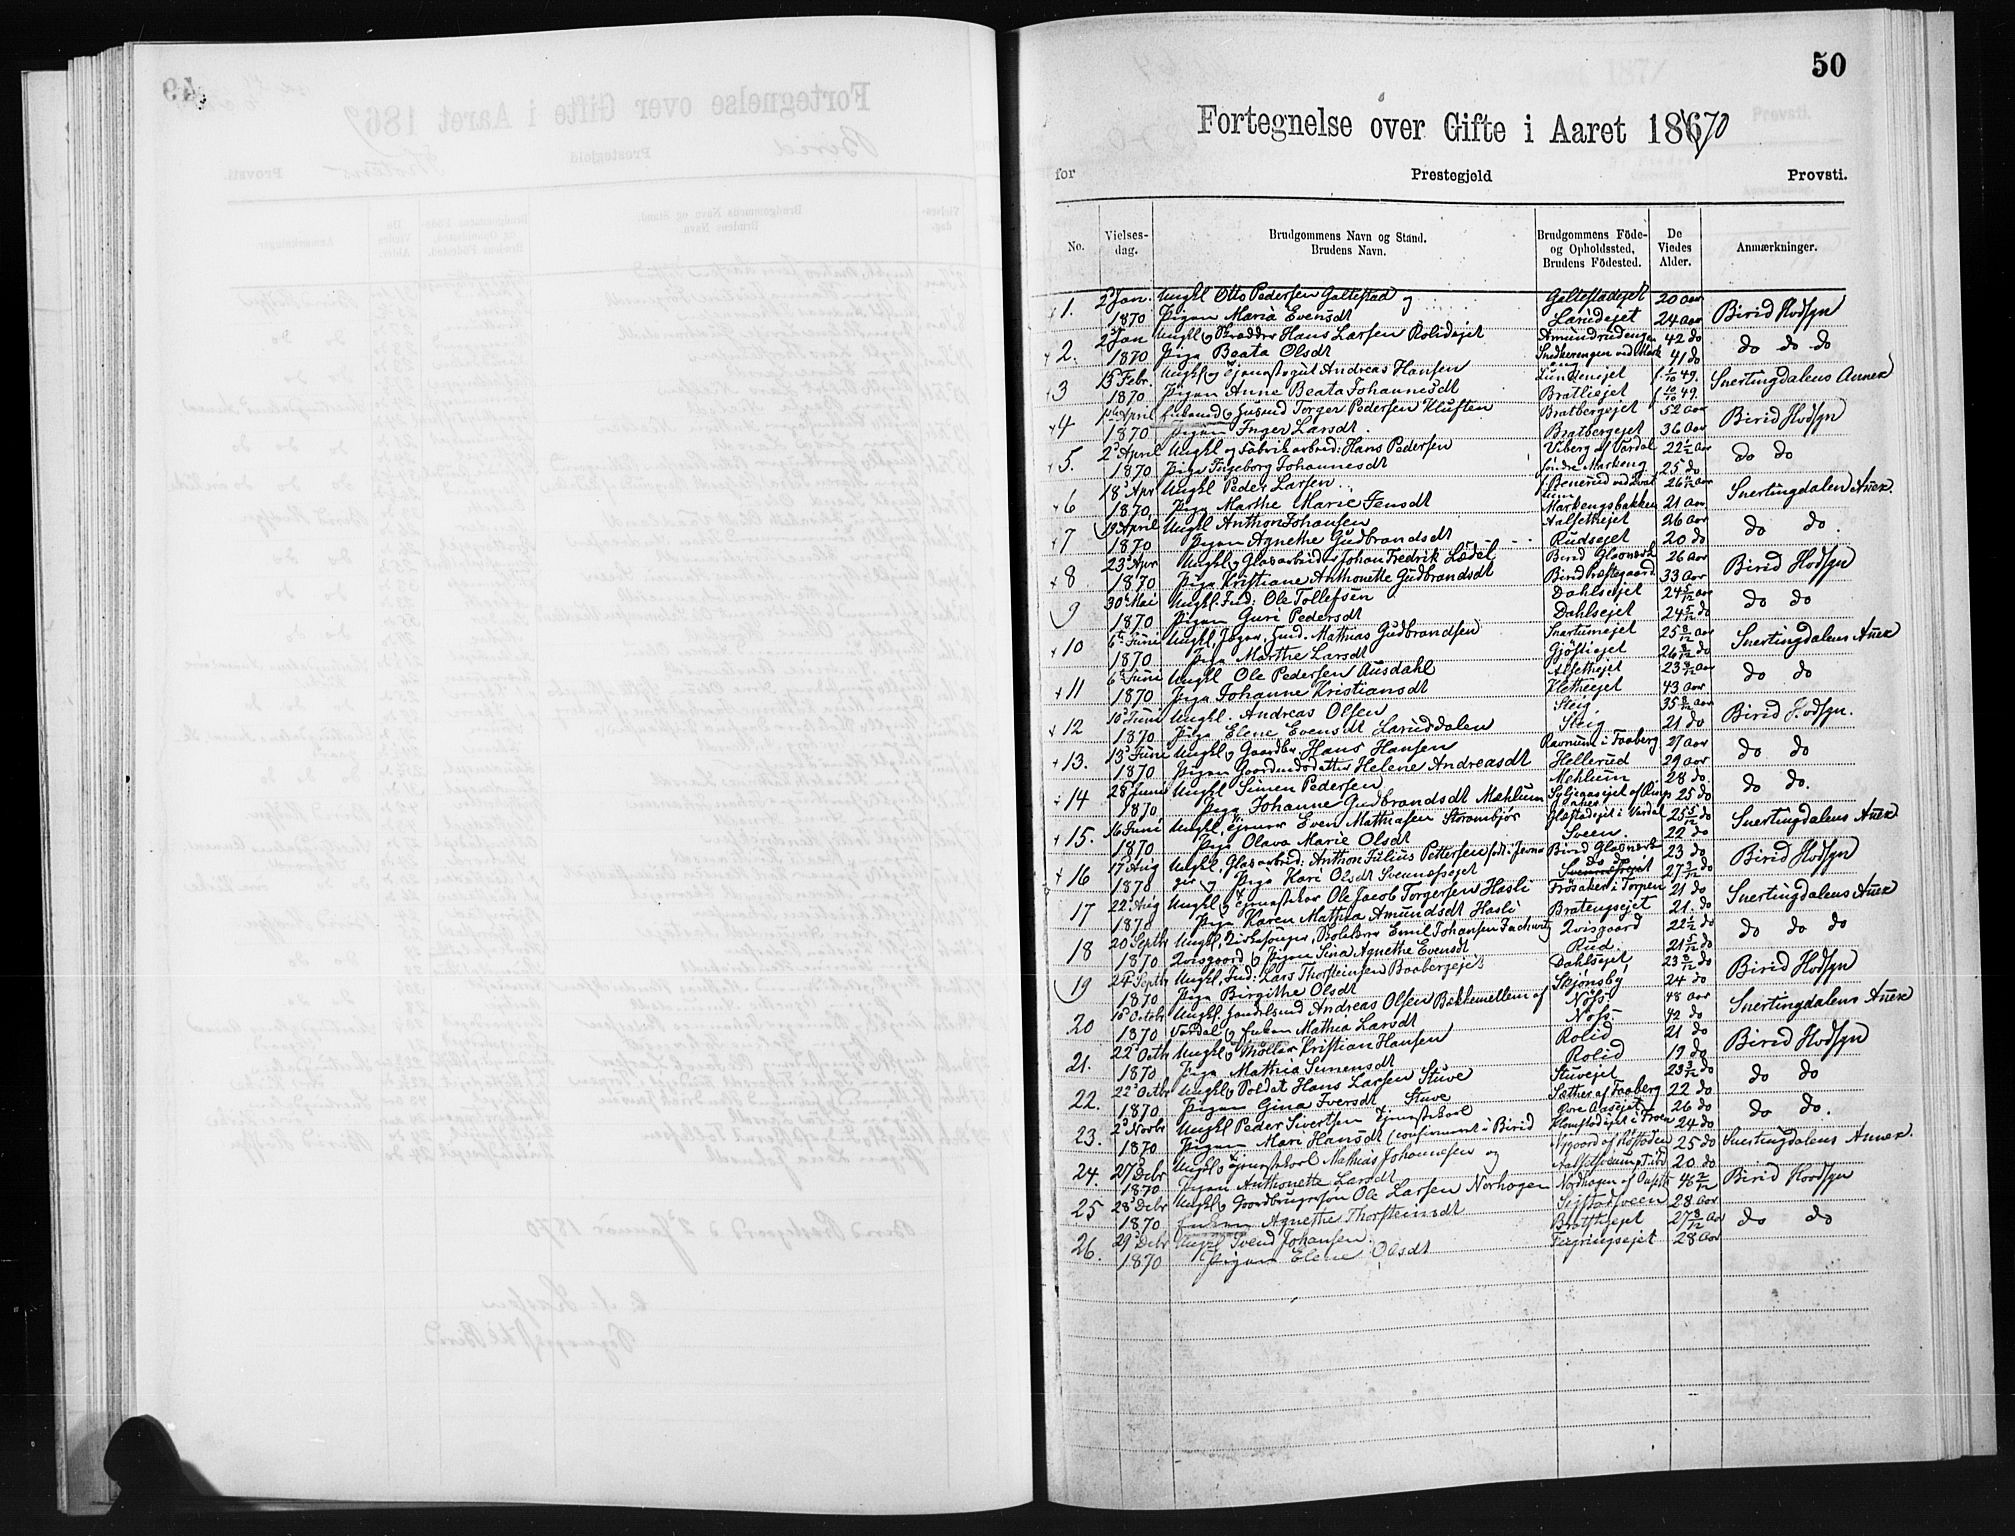 SAH, Biri prestekontor, Ministerialbok, 1866-1872, s. 50